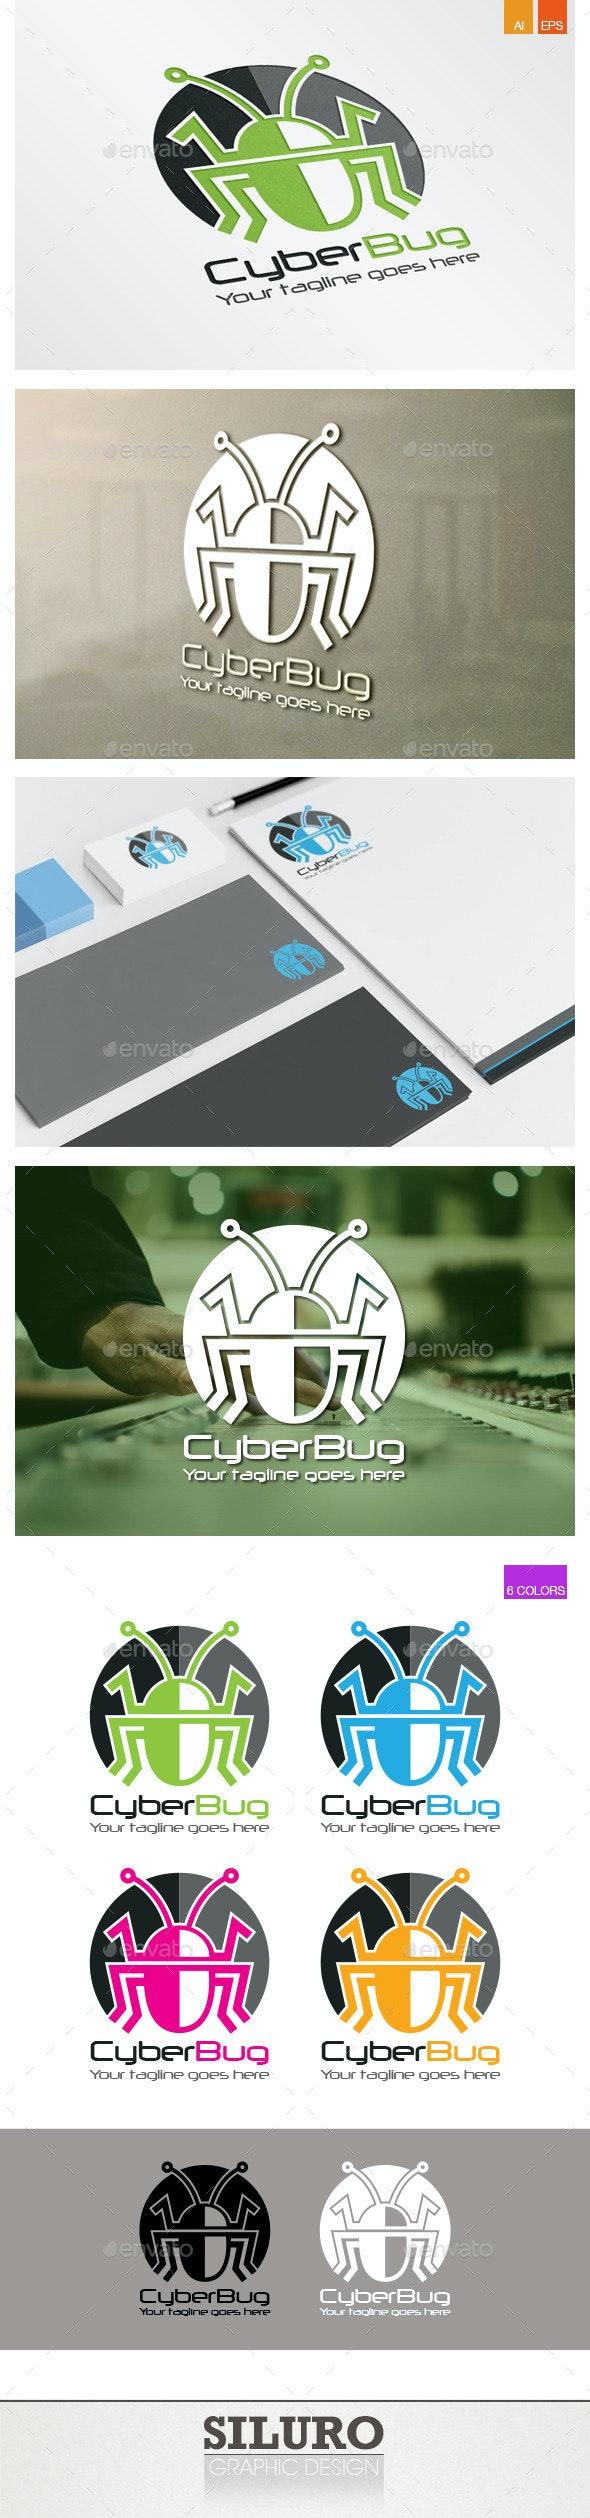 Cyber Bug Logo